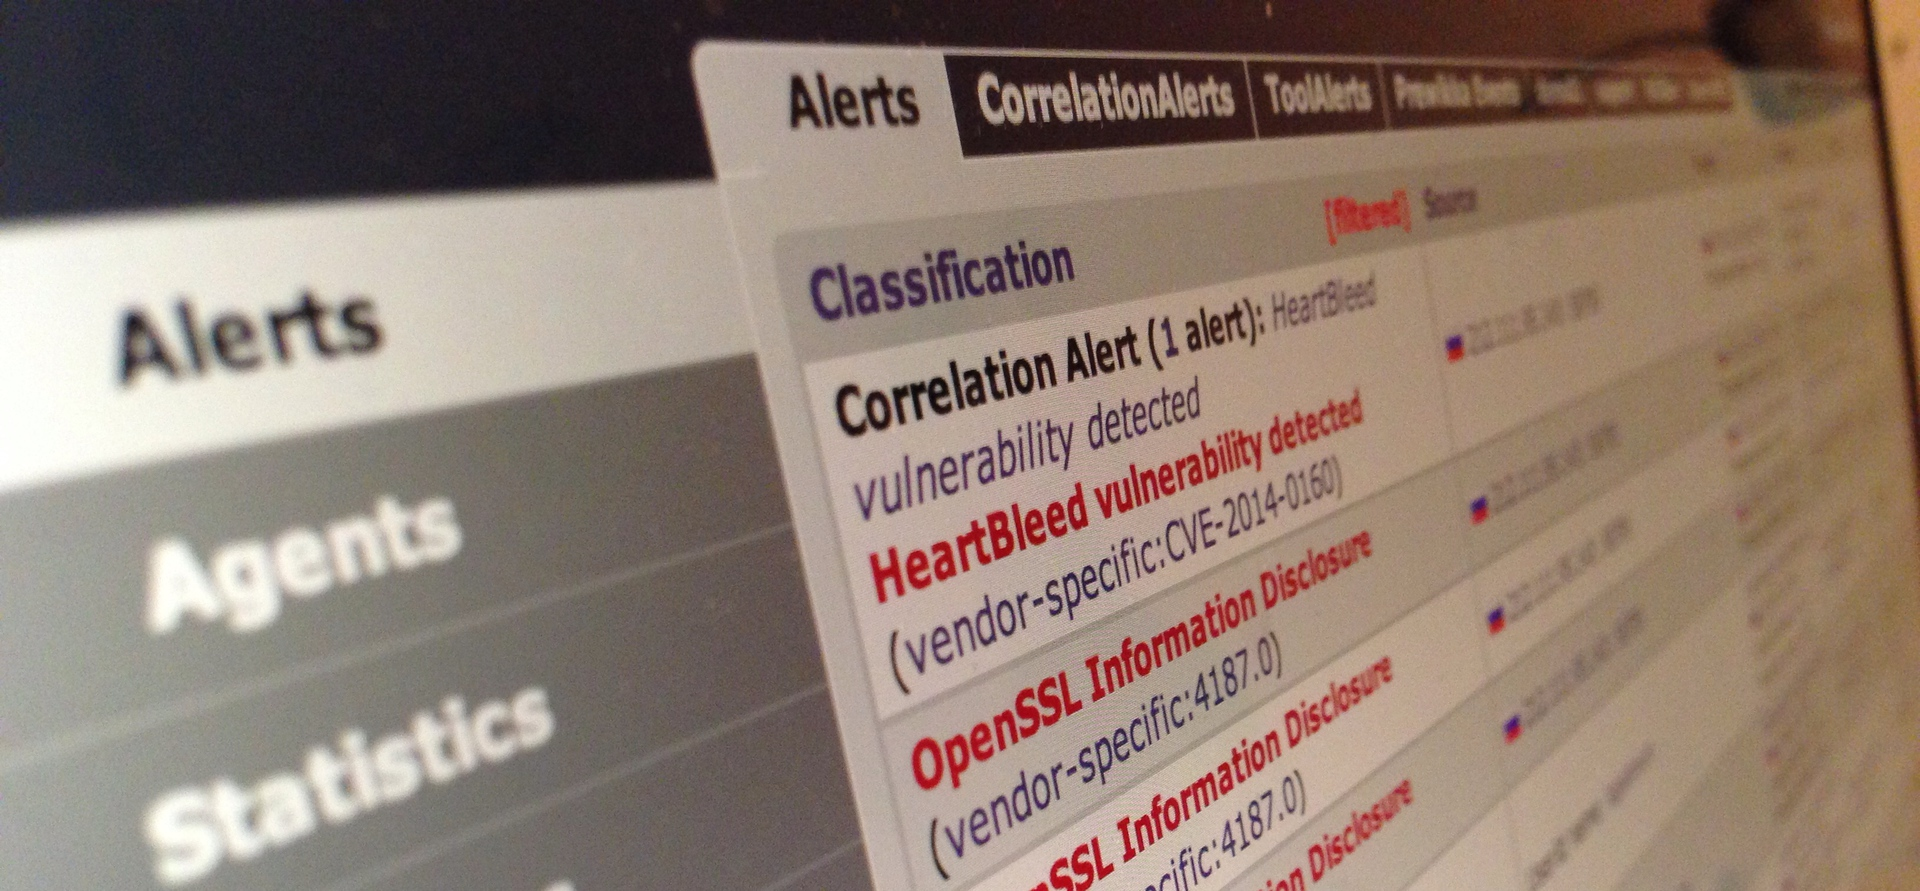 SIEM на практике: дружим Prelude + Cisco IPS и выявляем эксплуатацию HeartBleed через корреляцию